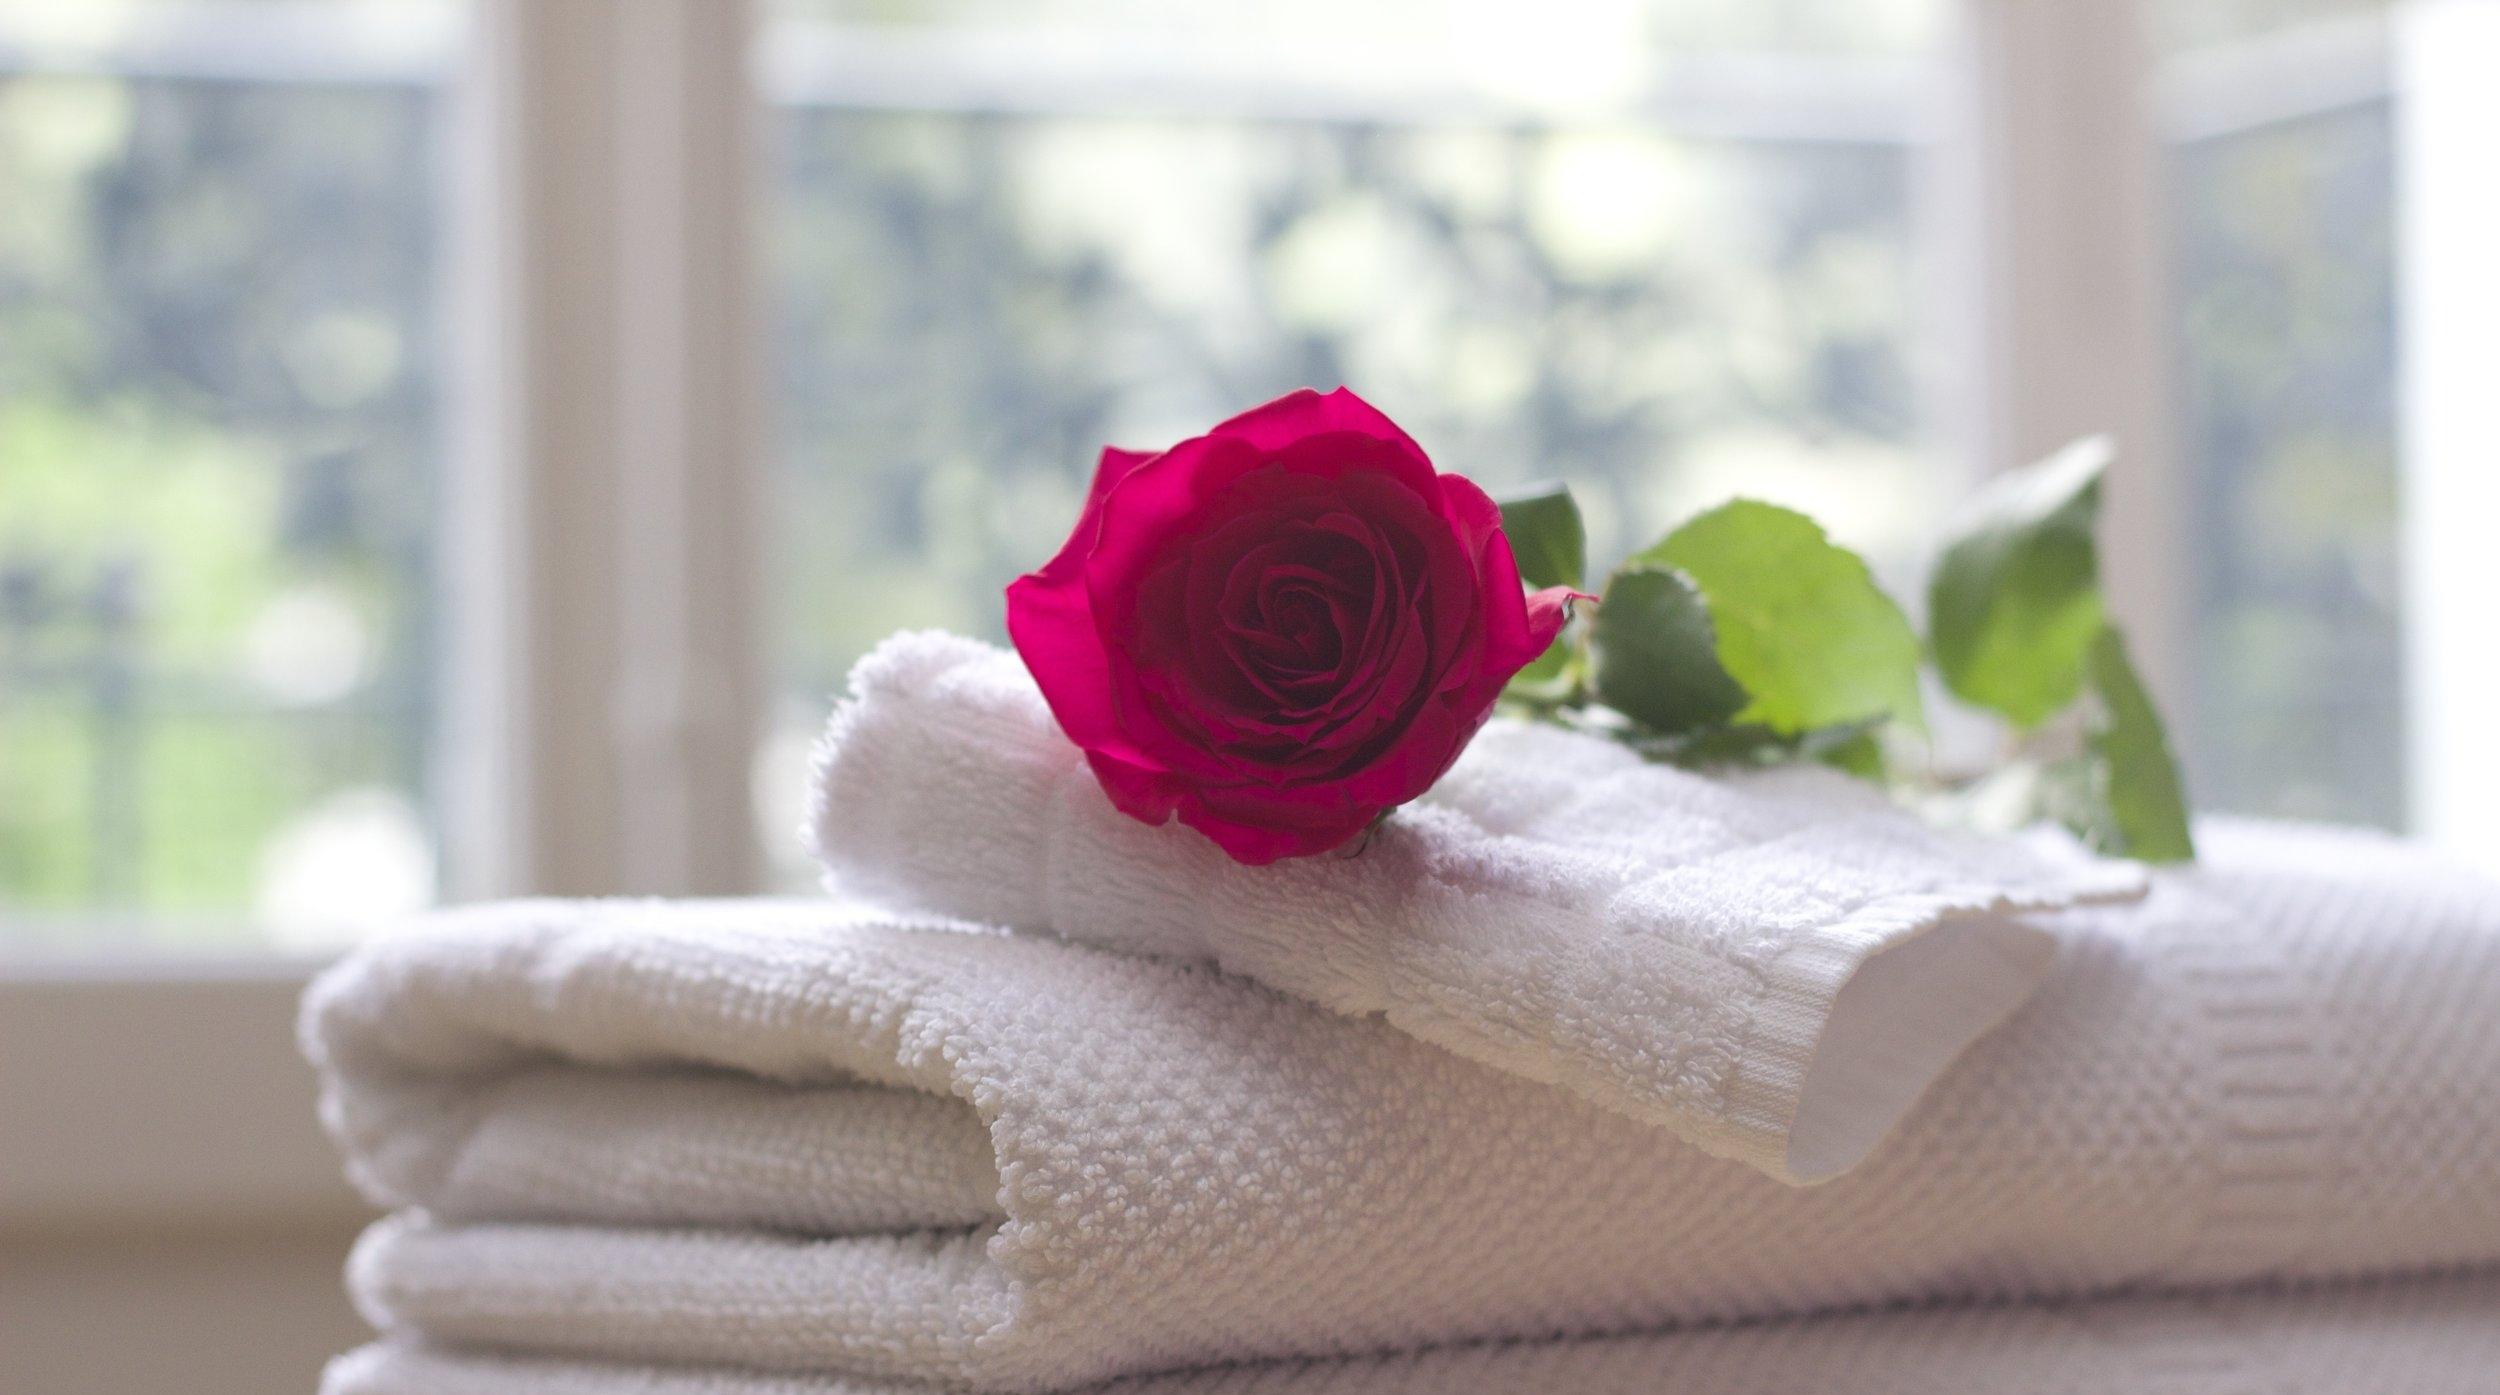 towel-759980.jpg